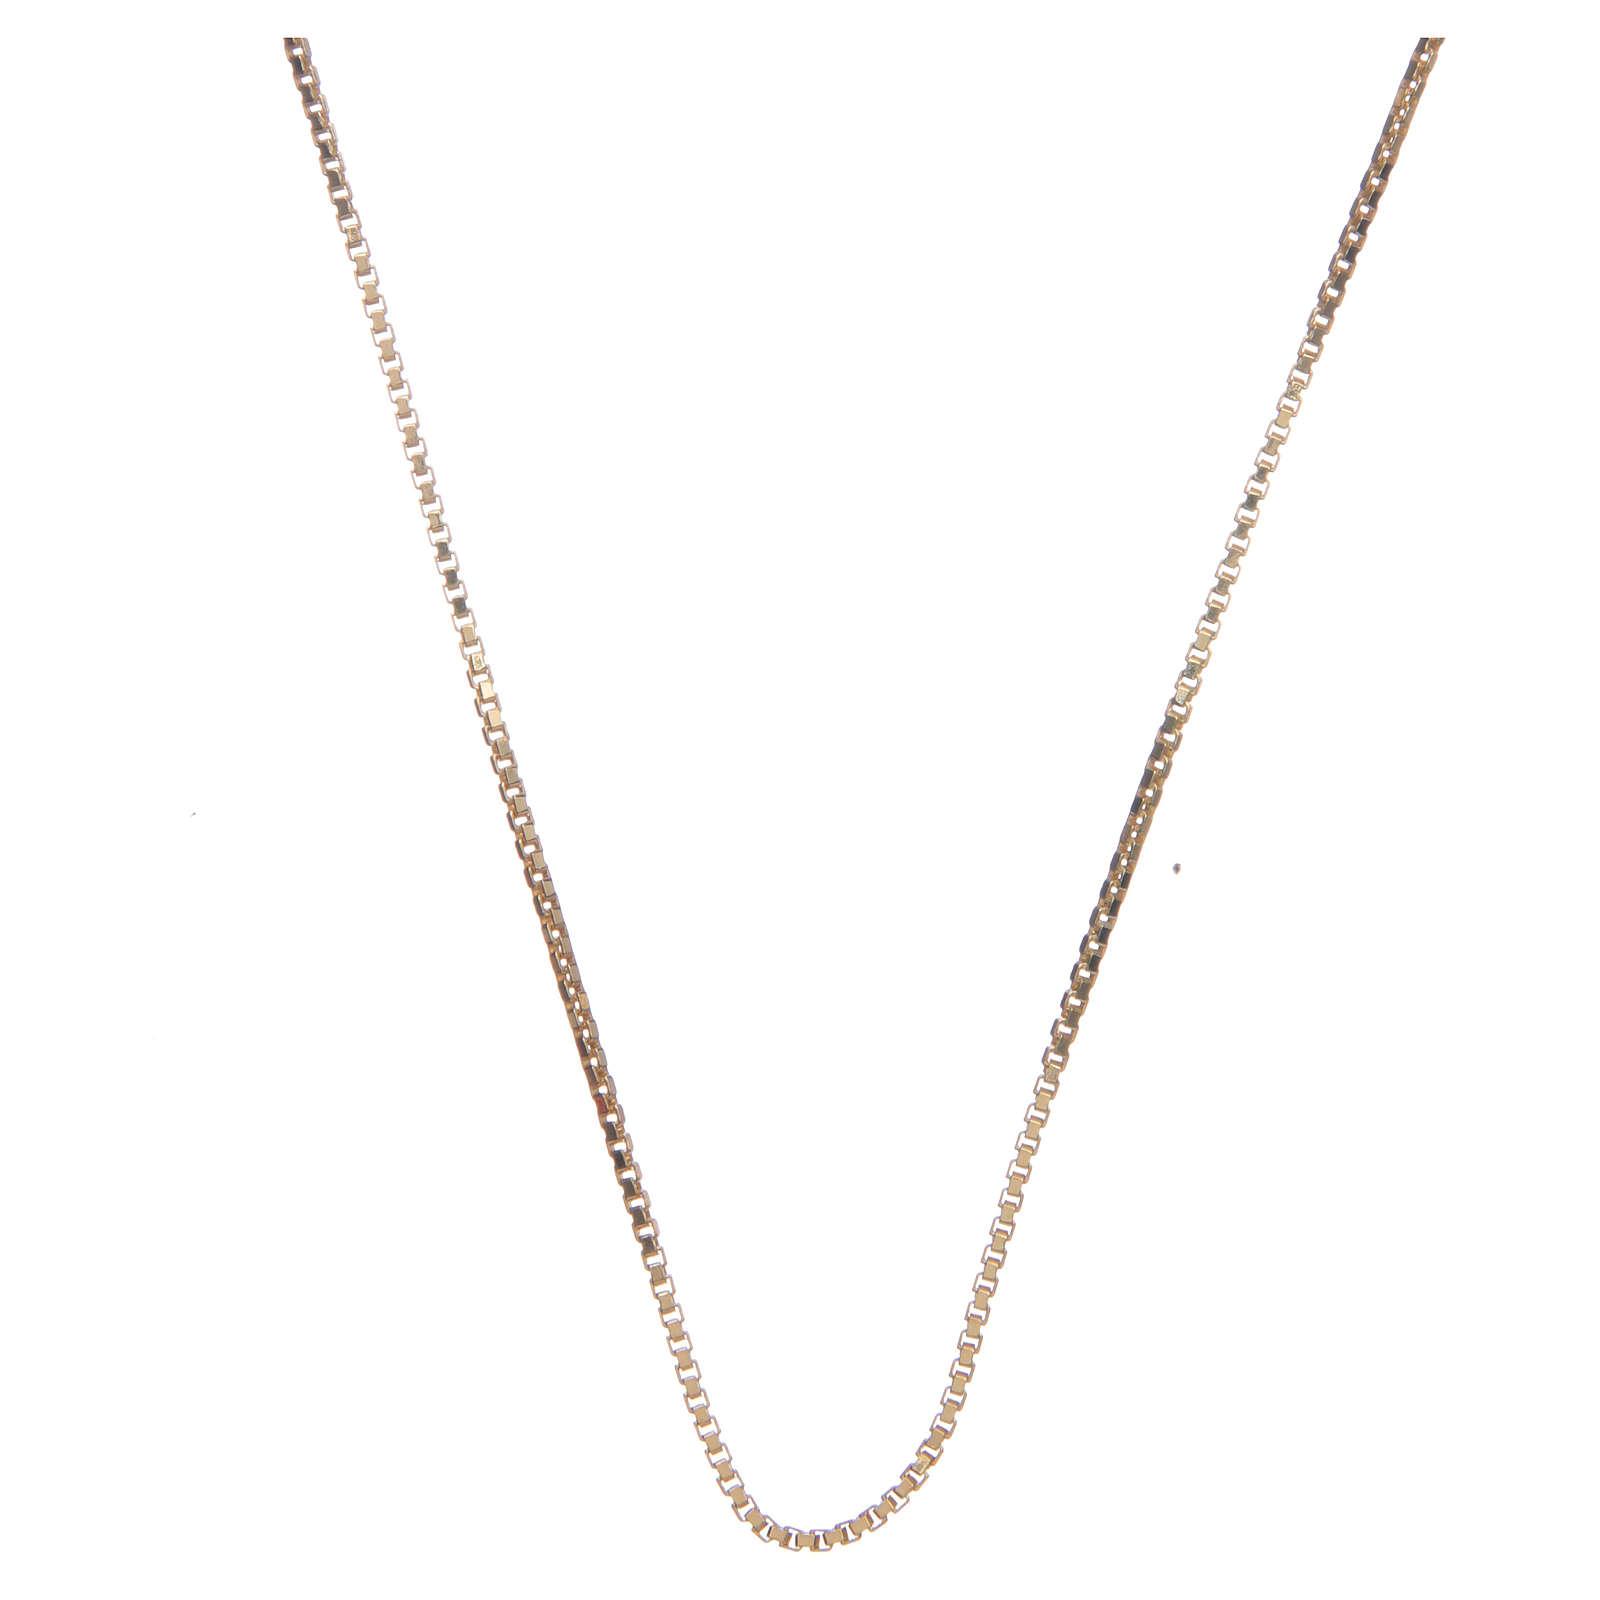 Łańcuszek wenecki srebro 925 pozłacany długość 55 cm 4